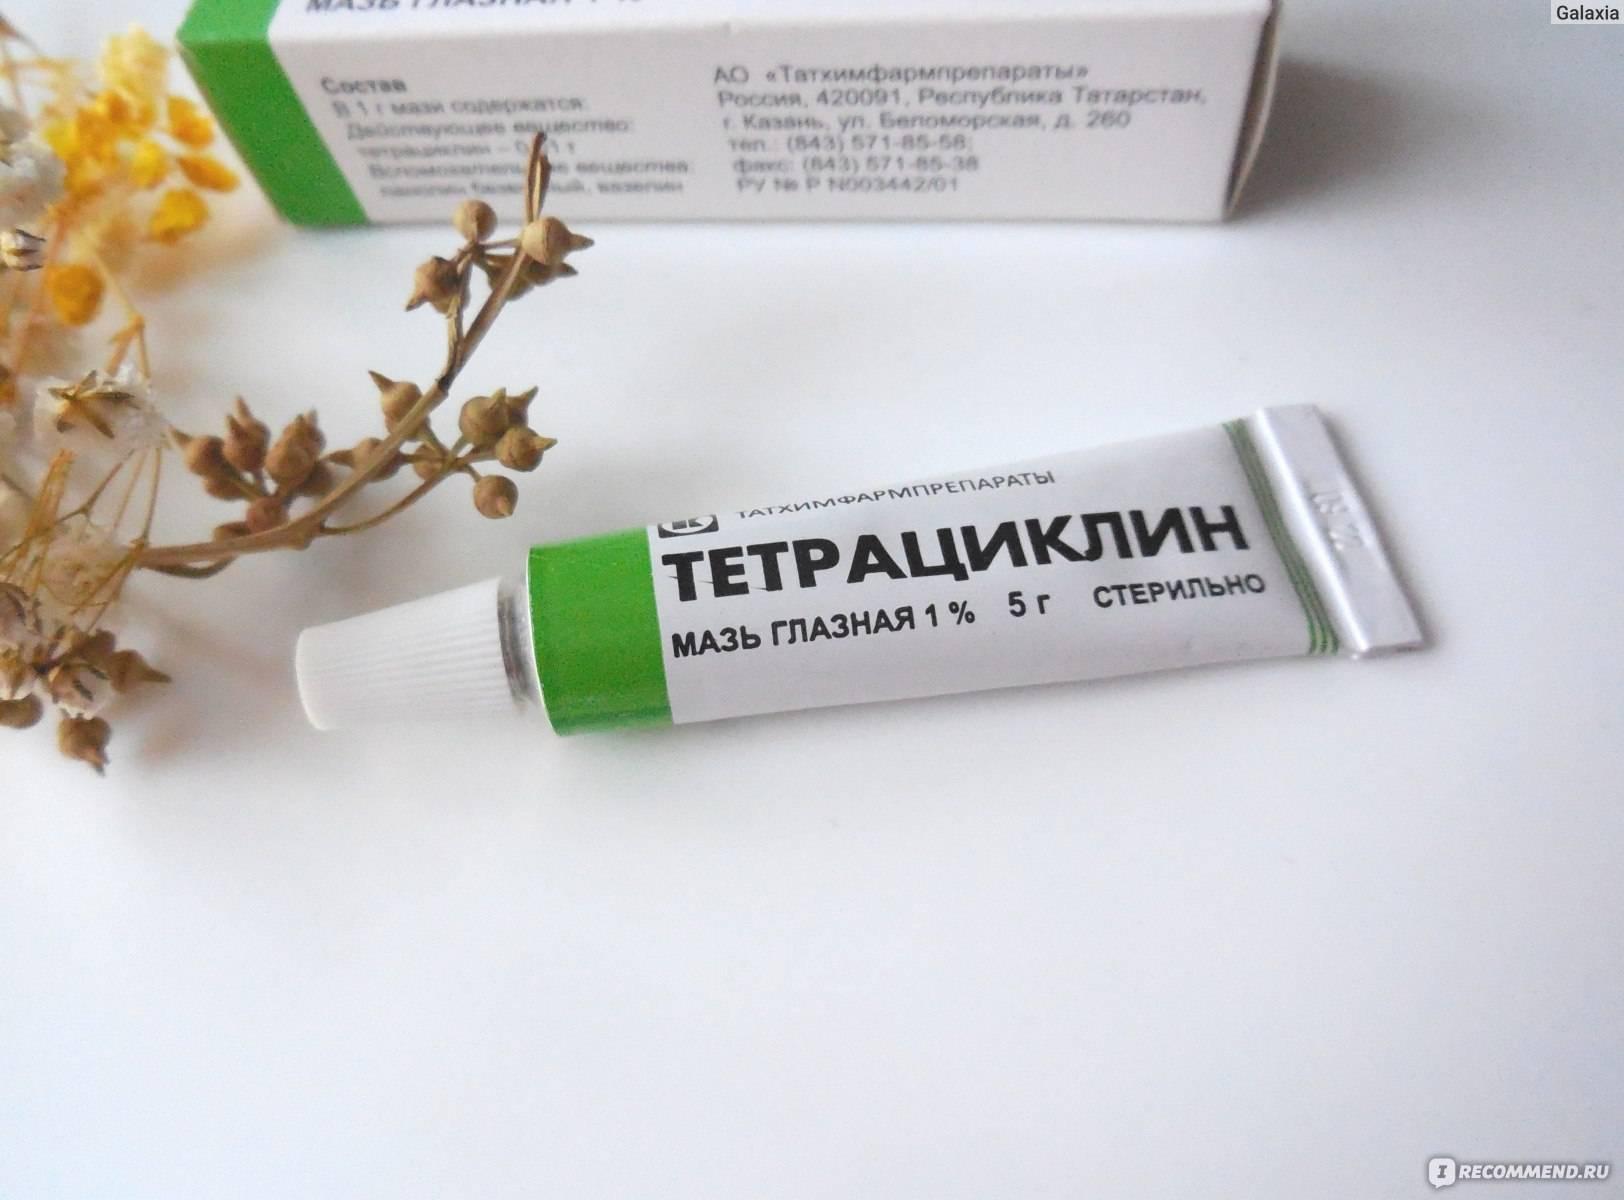 Глазная тетрациклиновая мазь для детей